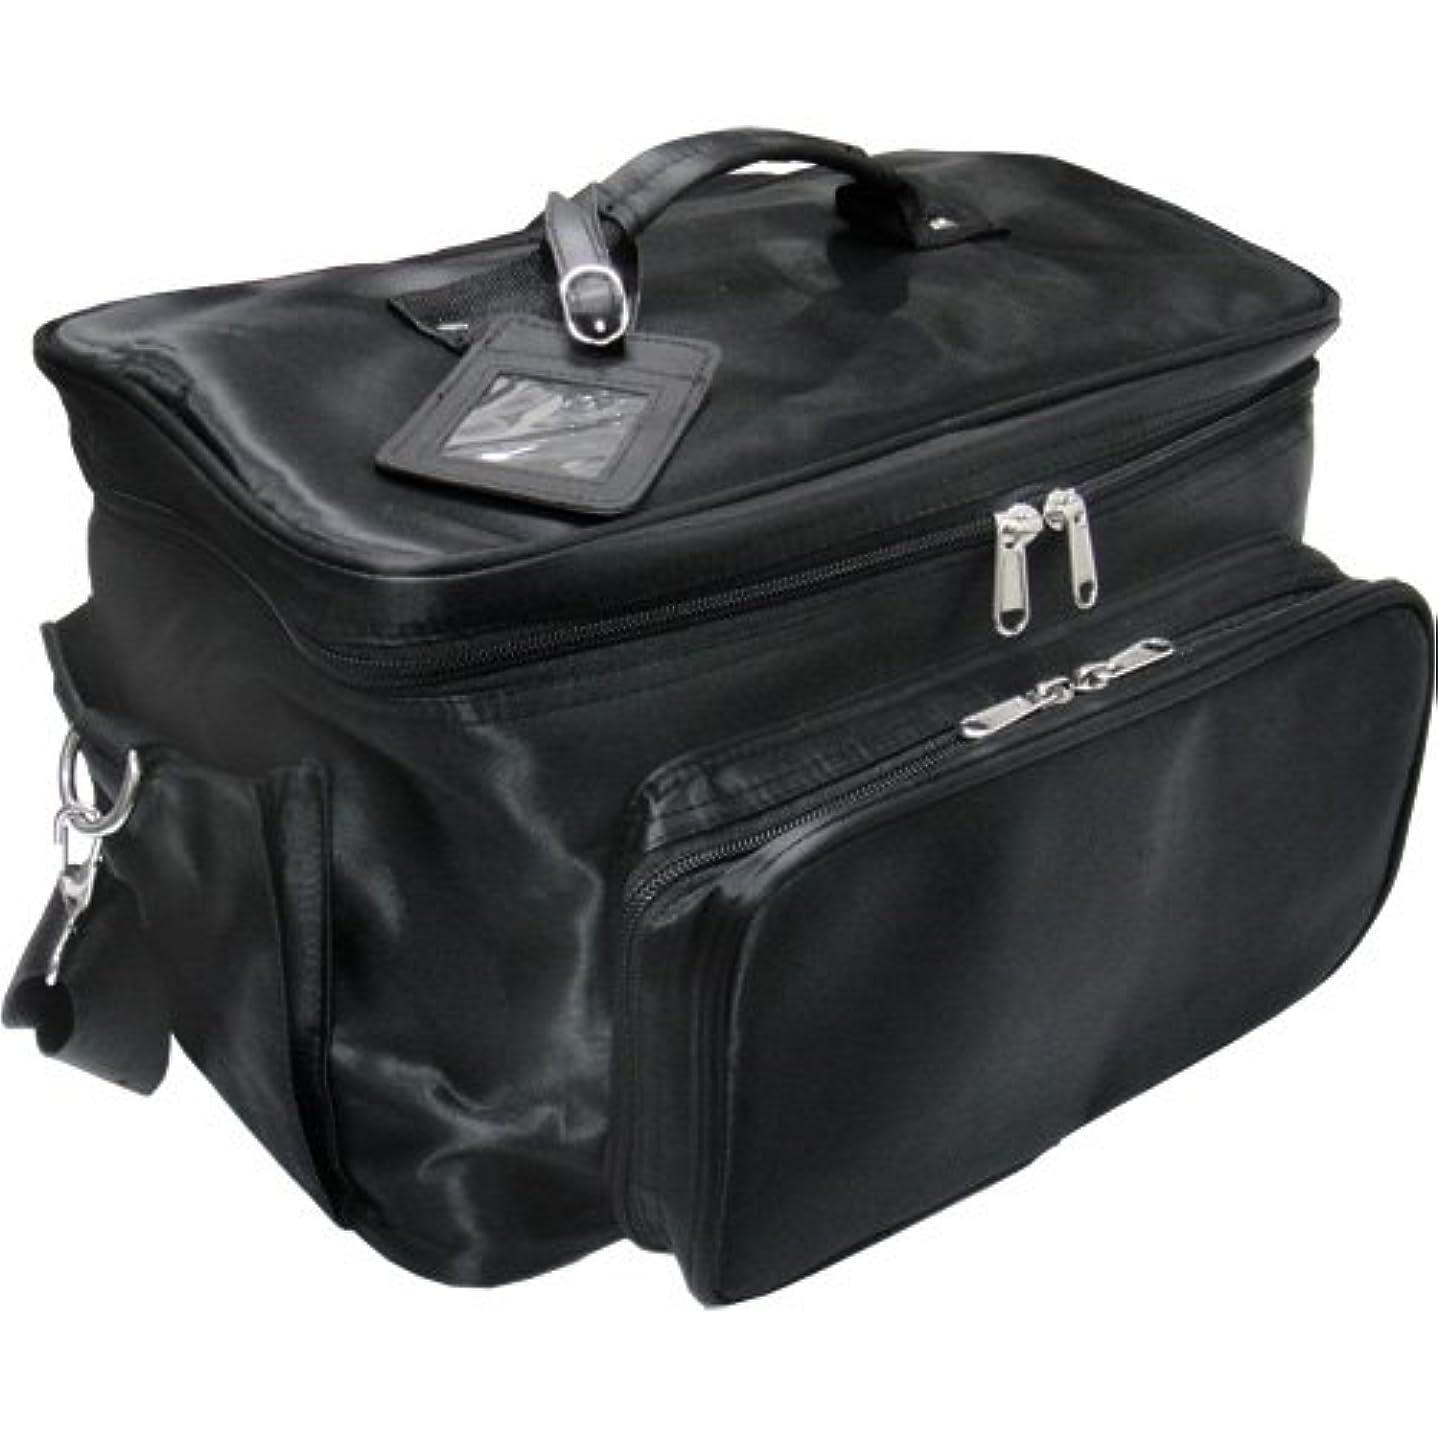 軽量バニティーバック ブラック コスメバッグ、ネイルバッグ、ネイリストバッグ、ナイロンコスメボックス